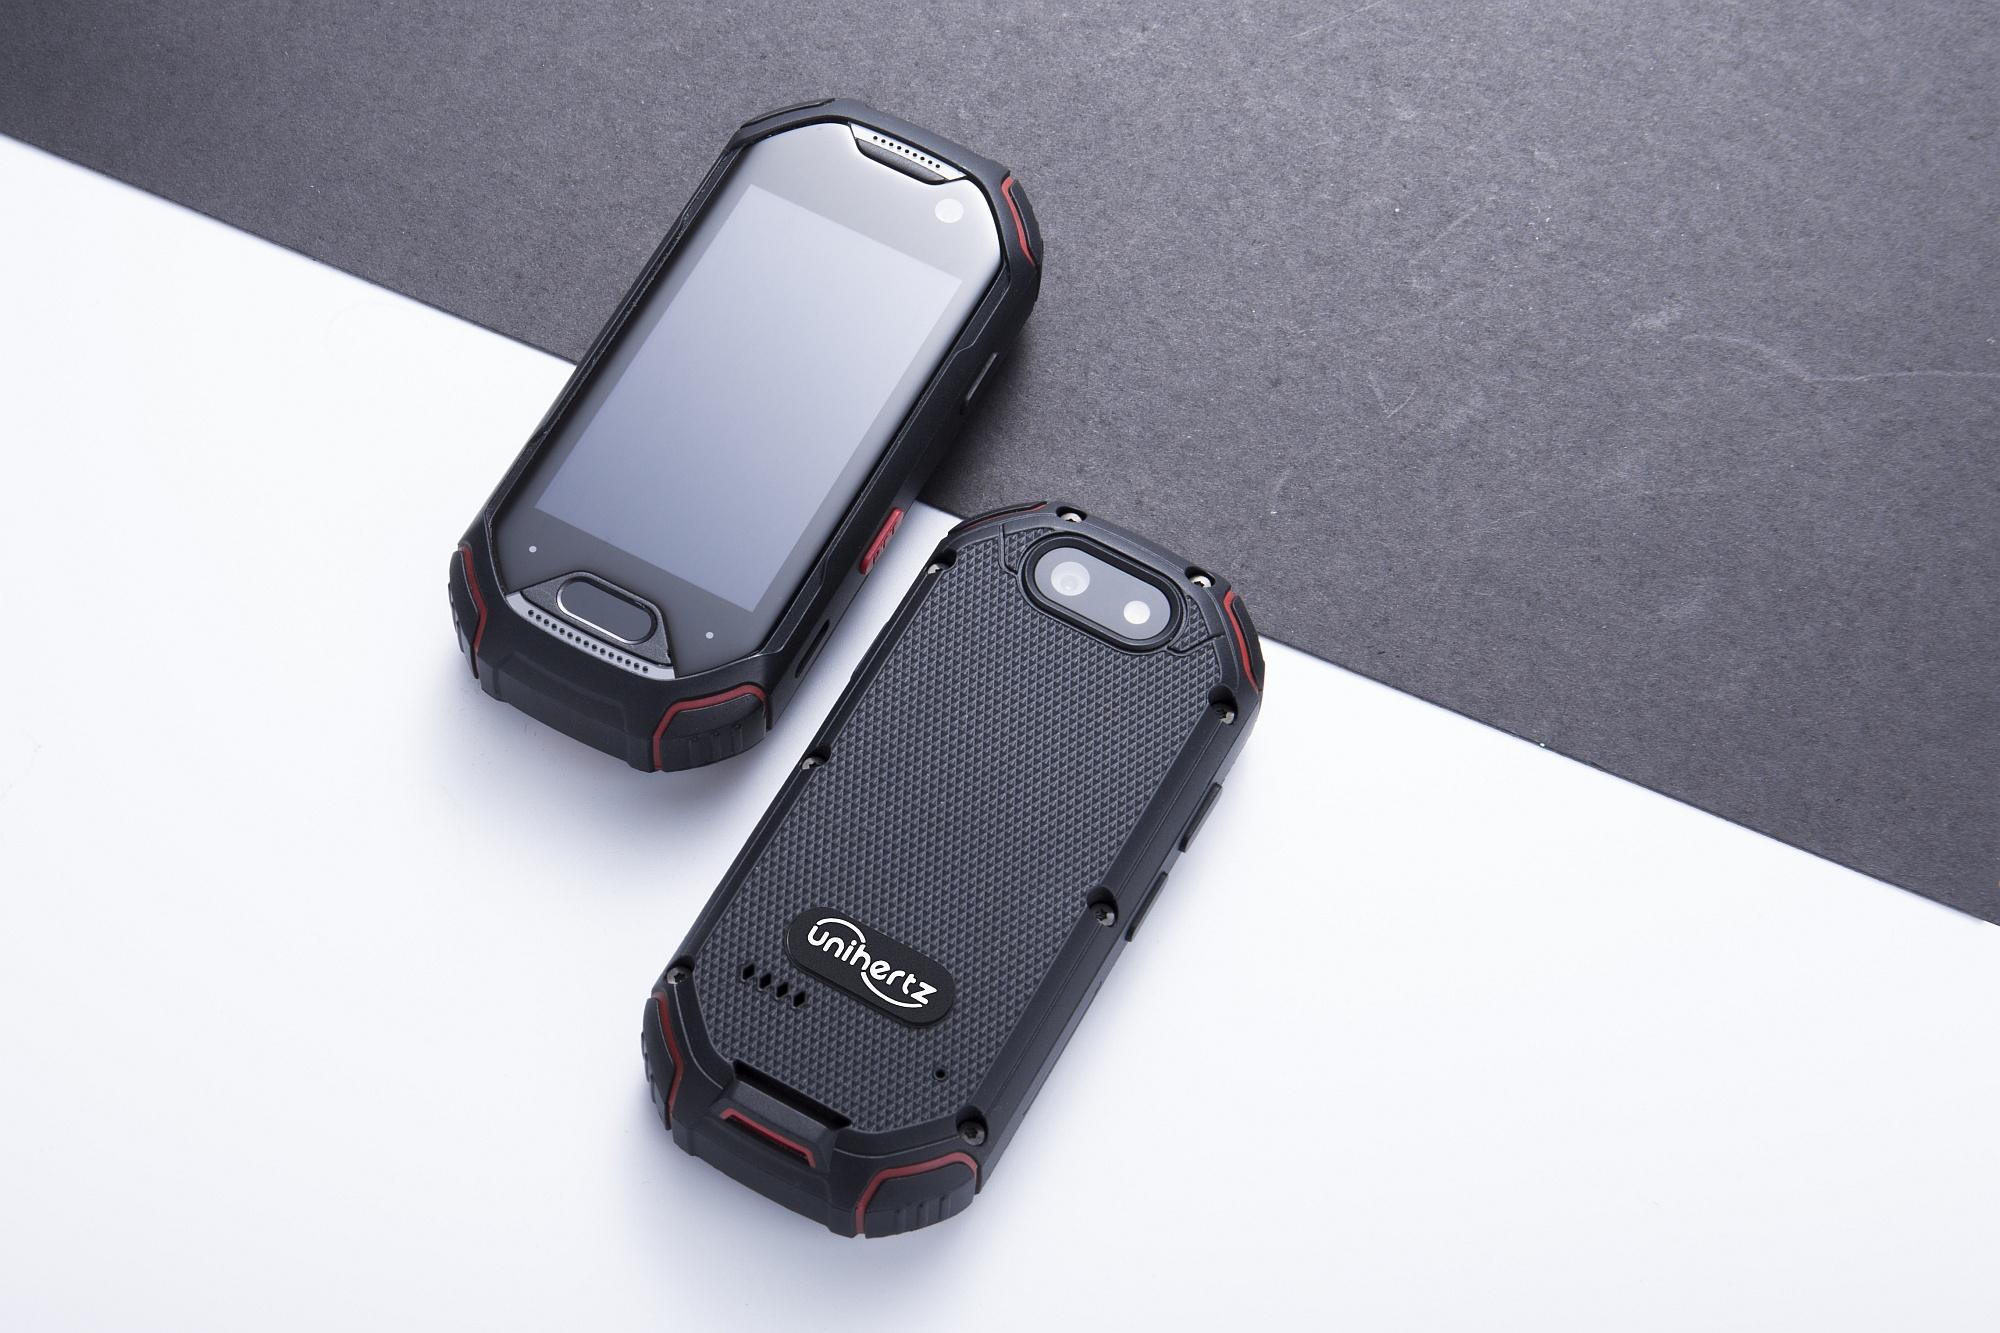 Unihertz Atom - najmniejszy smartfon z 4G i IP68